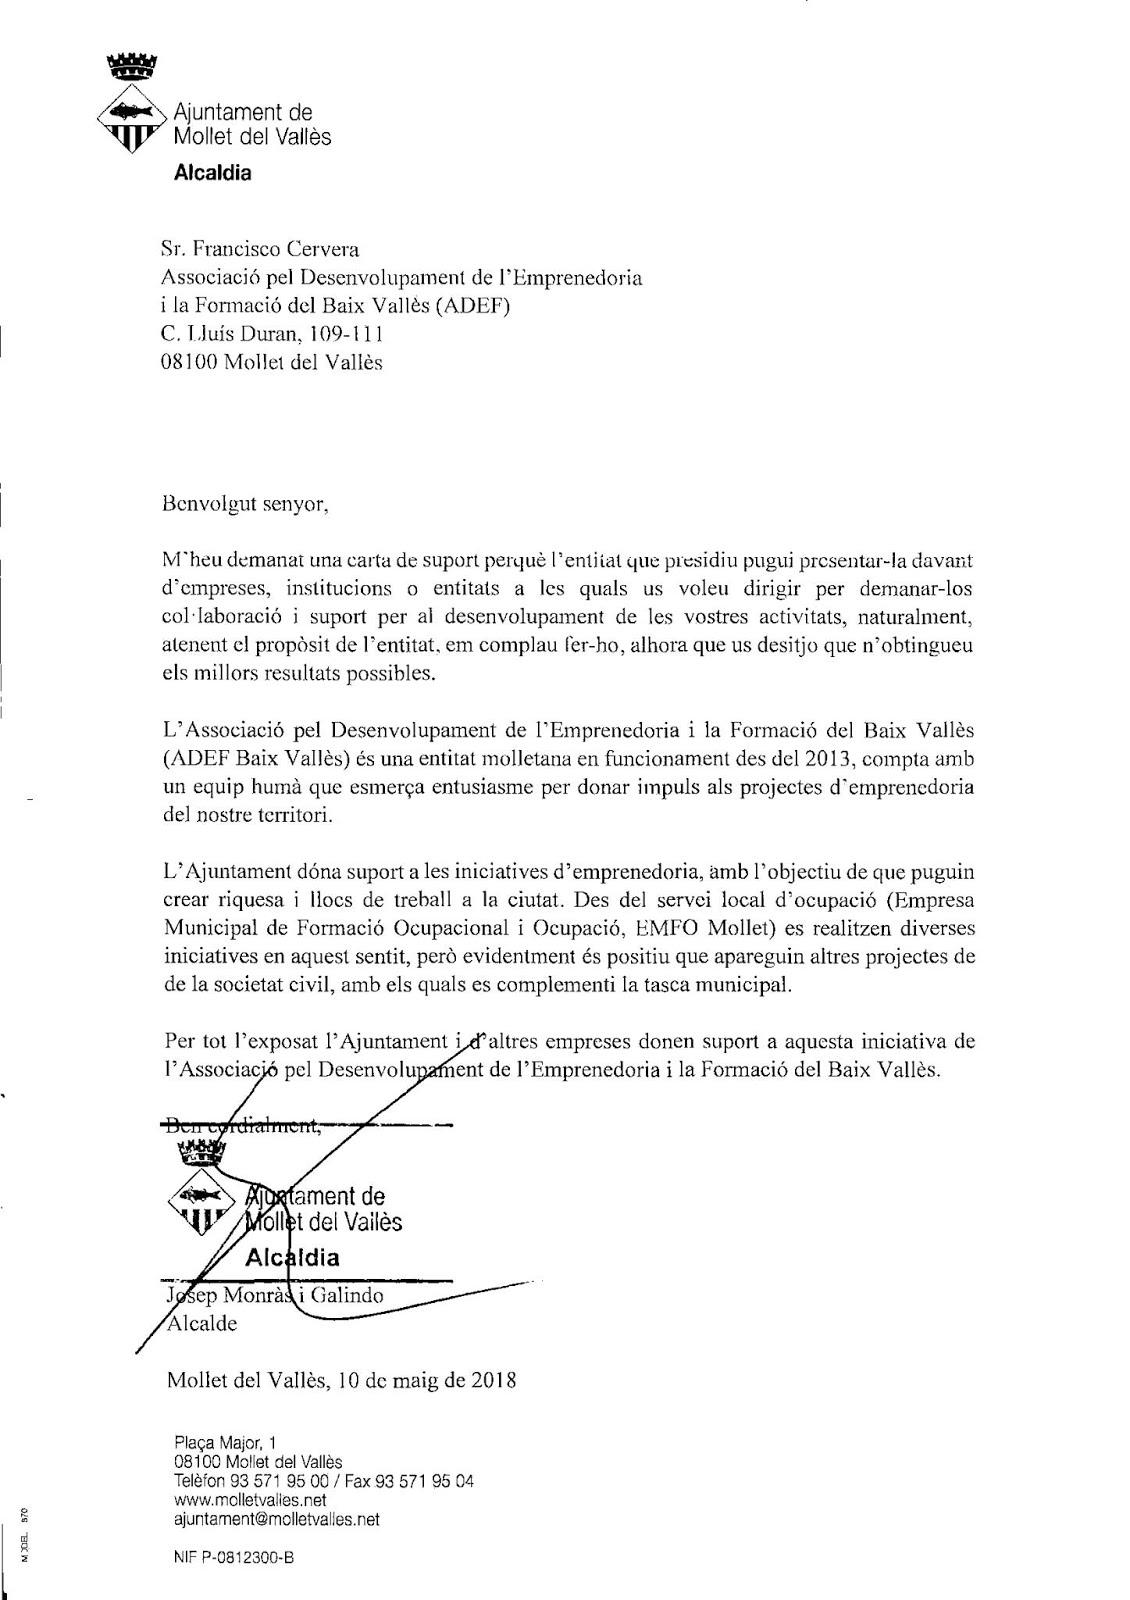 Entidad recomendada por el Ayuntamiento de Mollet del Vallès